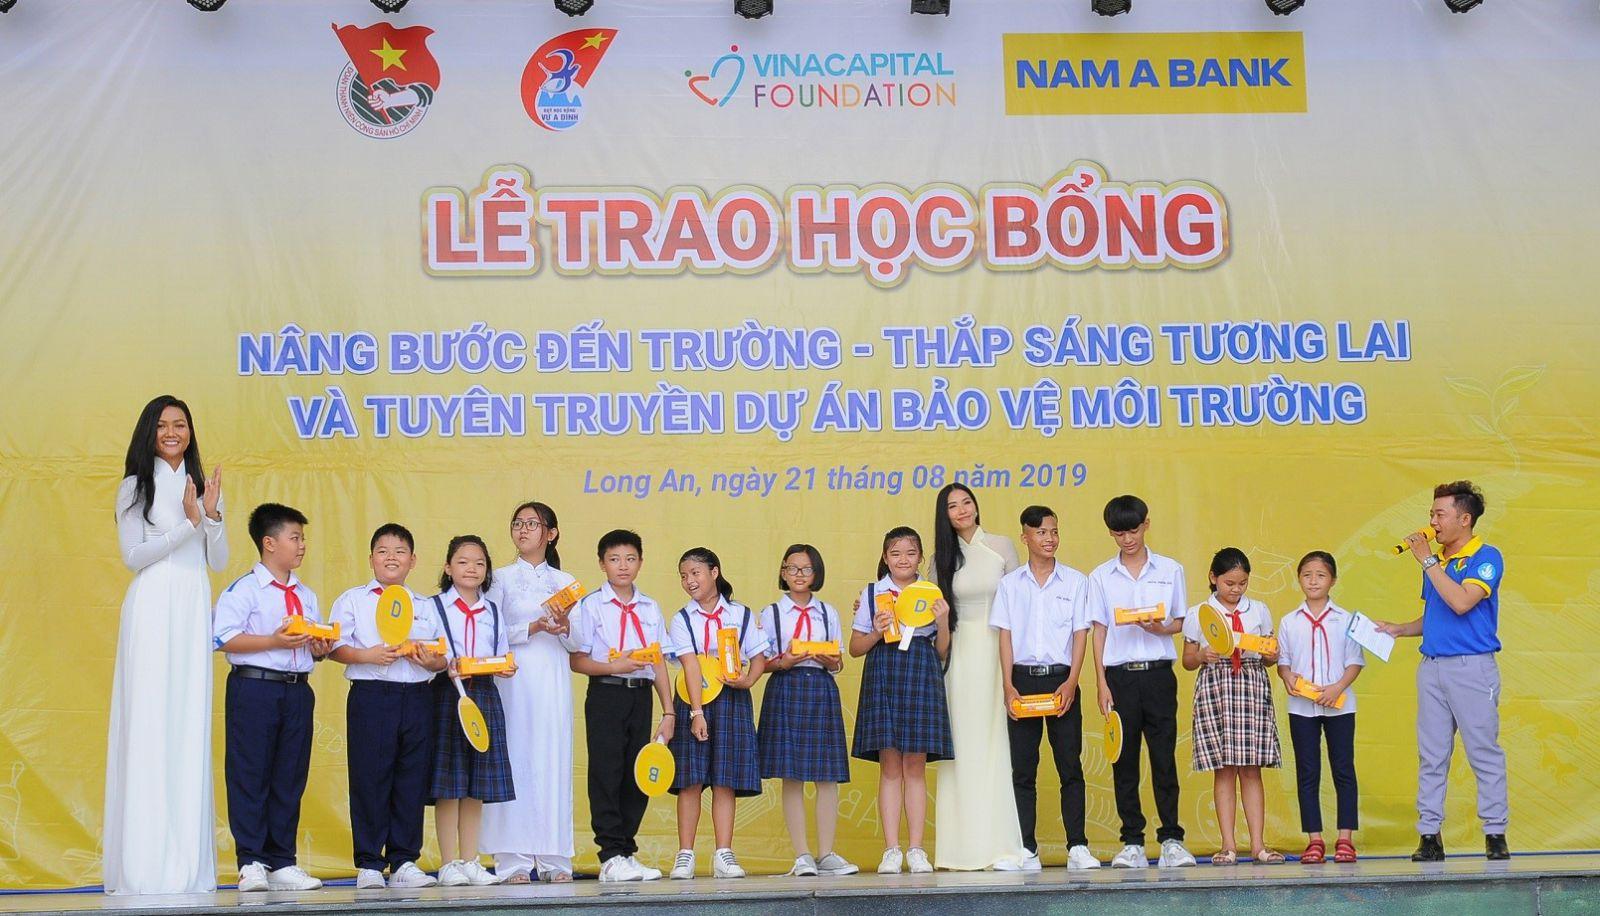 Hai đại sứ của Nam A Bank cùng chơi trò chơi với các em học sinh tỉnh Long An  về chủ đề bảo vệ môi trường.